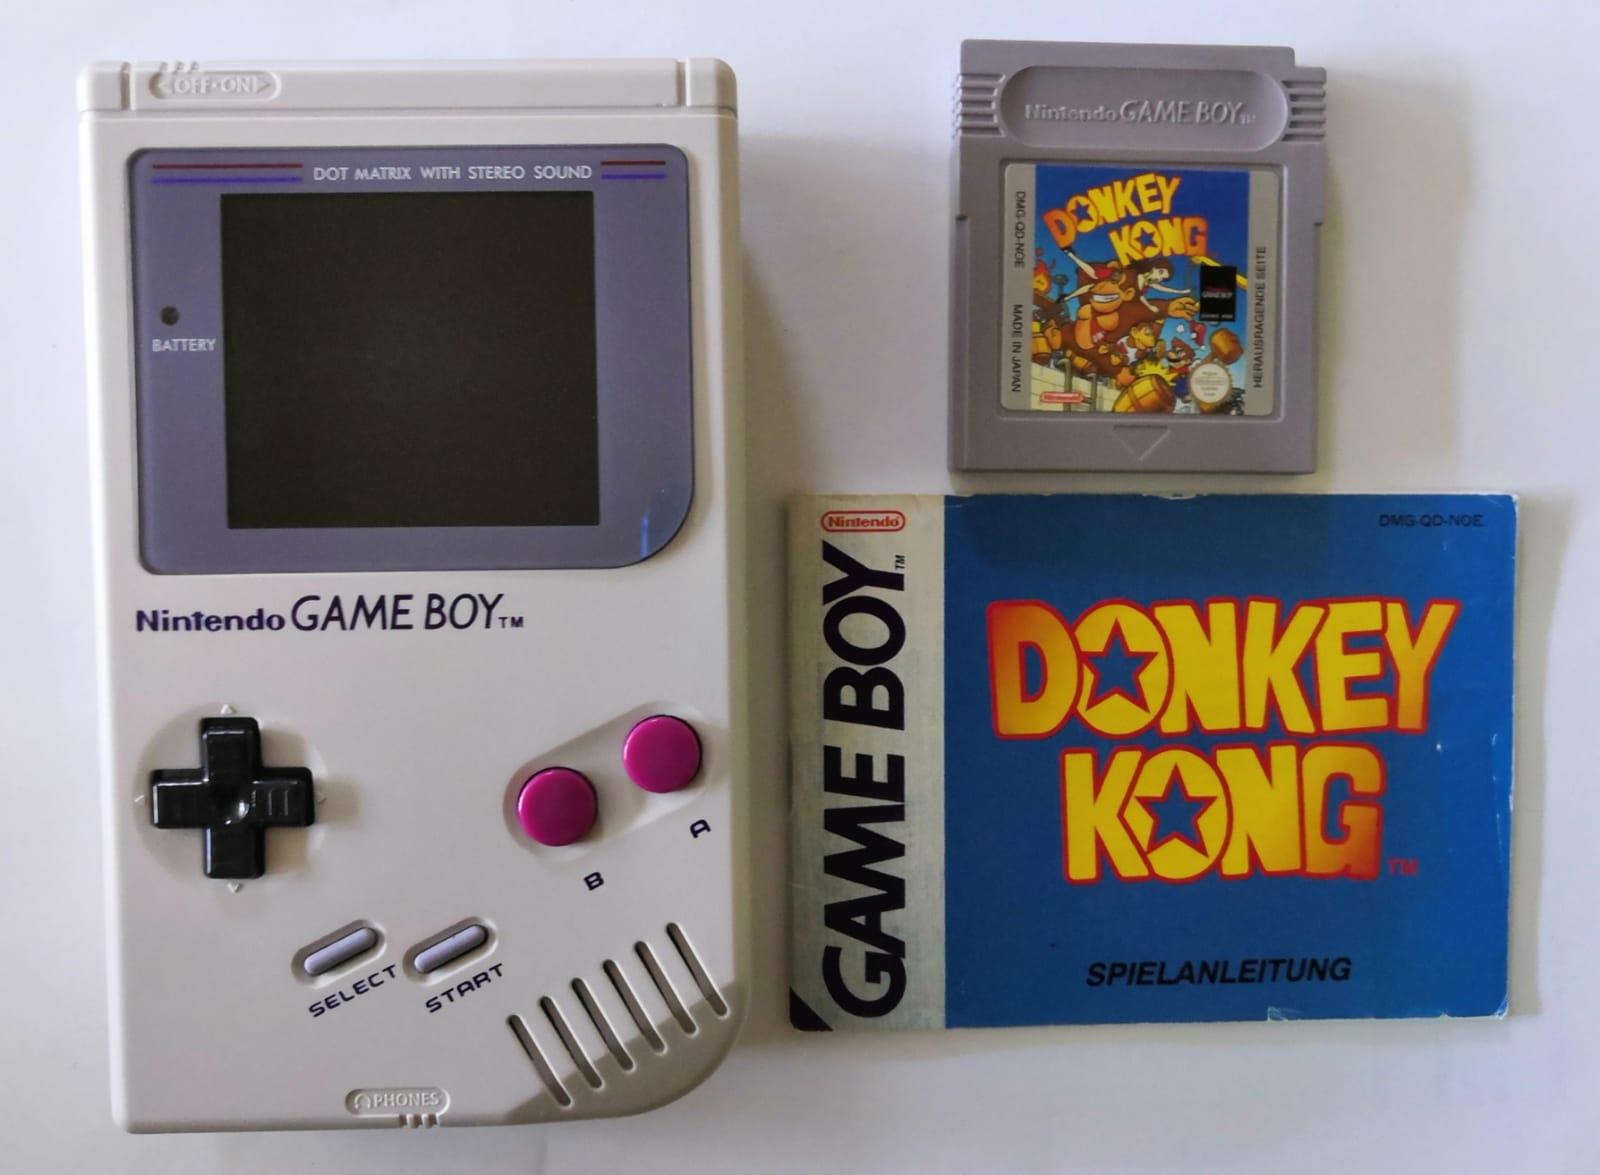 Der Game Boy erschien 1989 und 1994 kam Donkey Kong. (Bild: Christian Rohde)